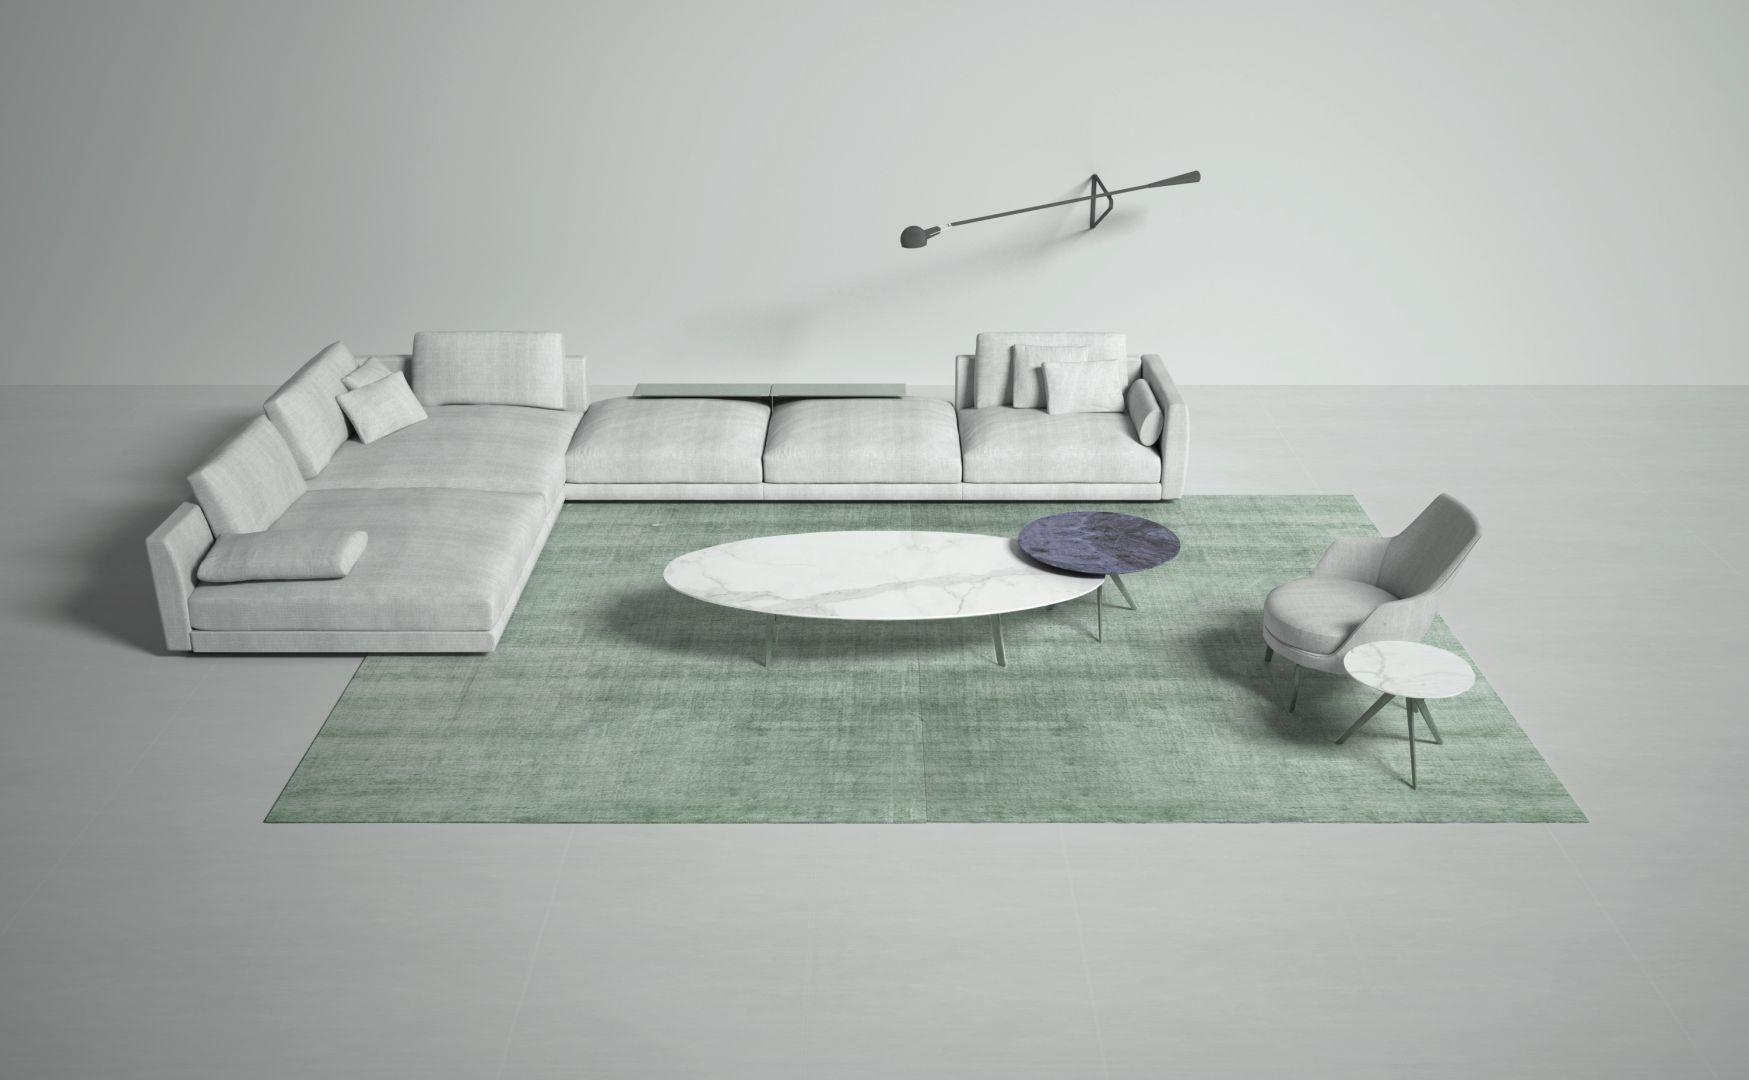 Dostępne w ośmiu różnych kolorach dywany Bamboo Shaded są wykonane w 90% z bambusa iw 10% z bawełny techniką tkania na krośnie. Fot. Carpet Edition Bamboo Shaded BS08